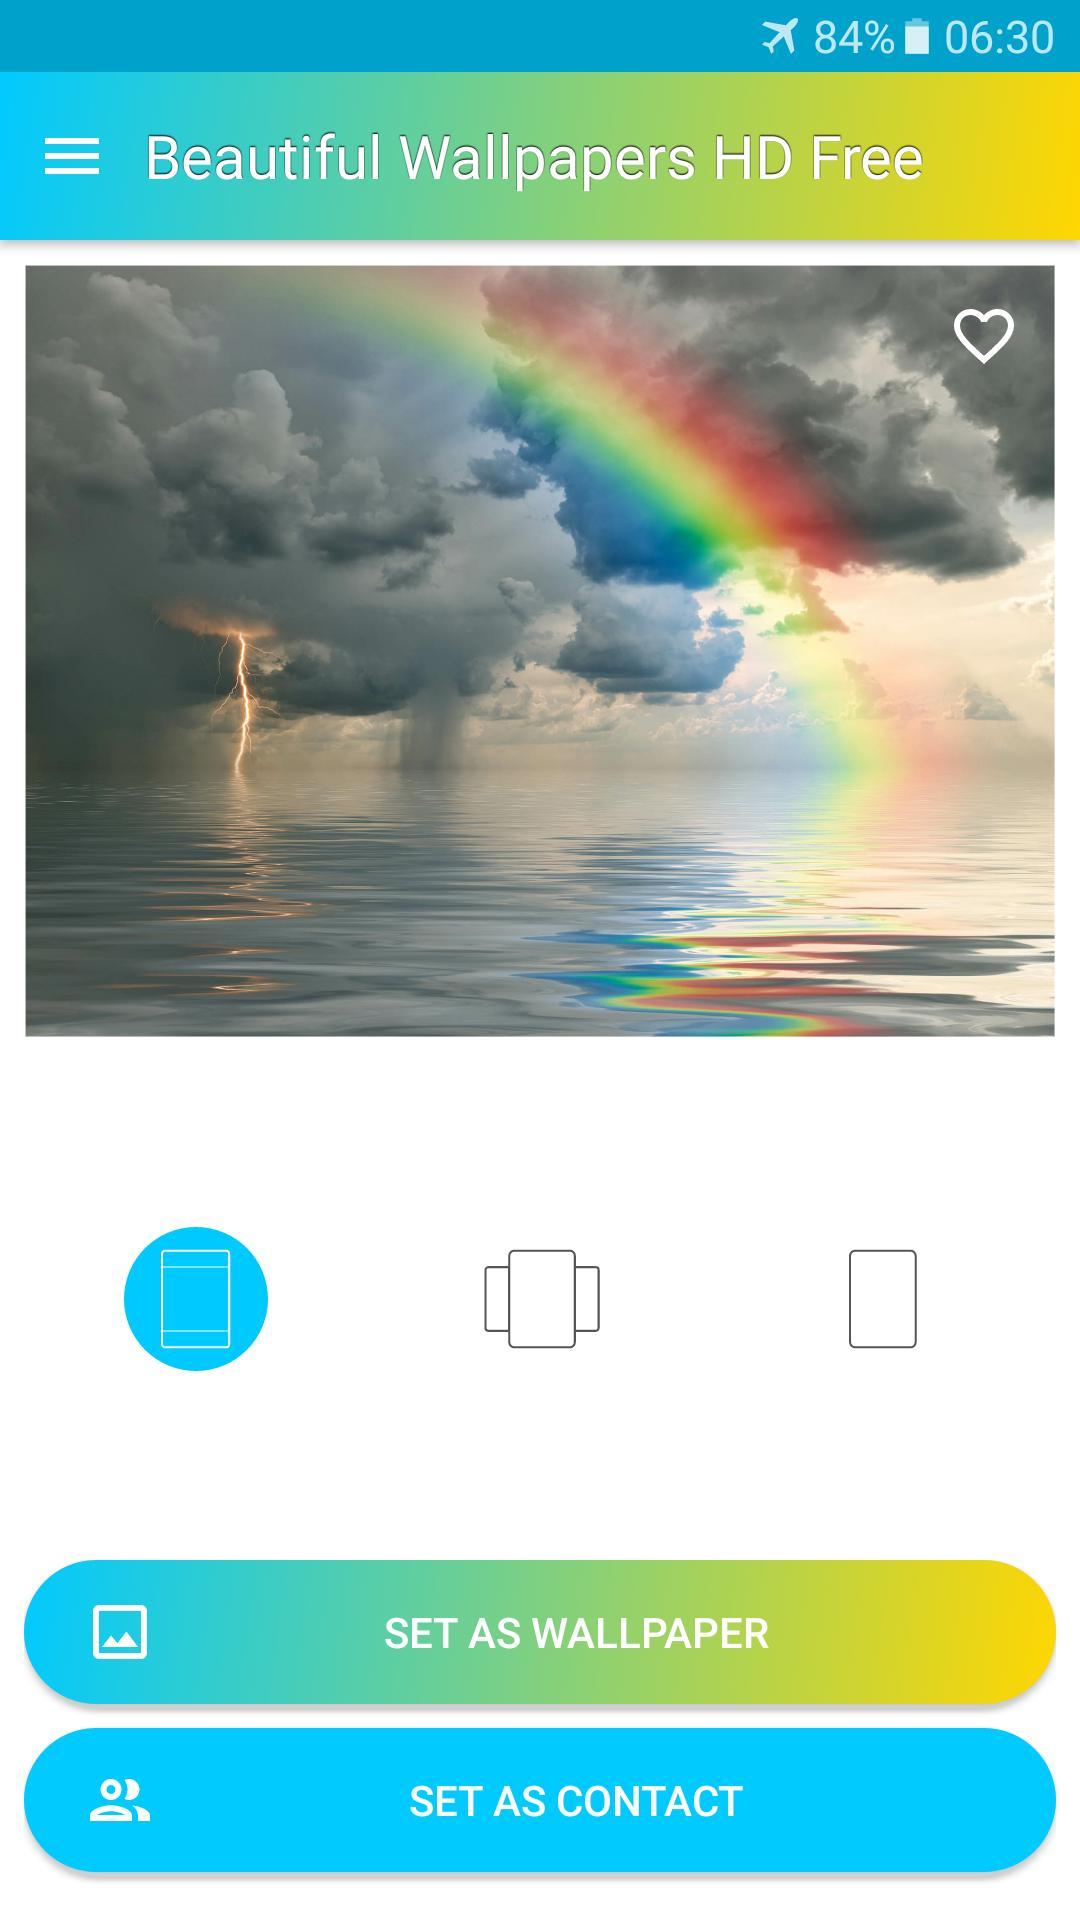 Android 用の 綺麗な壁紙 Hd 無料 Apk をダウンロード